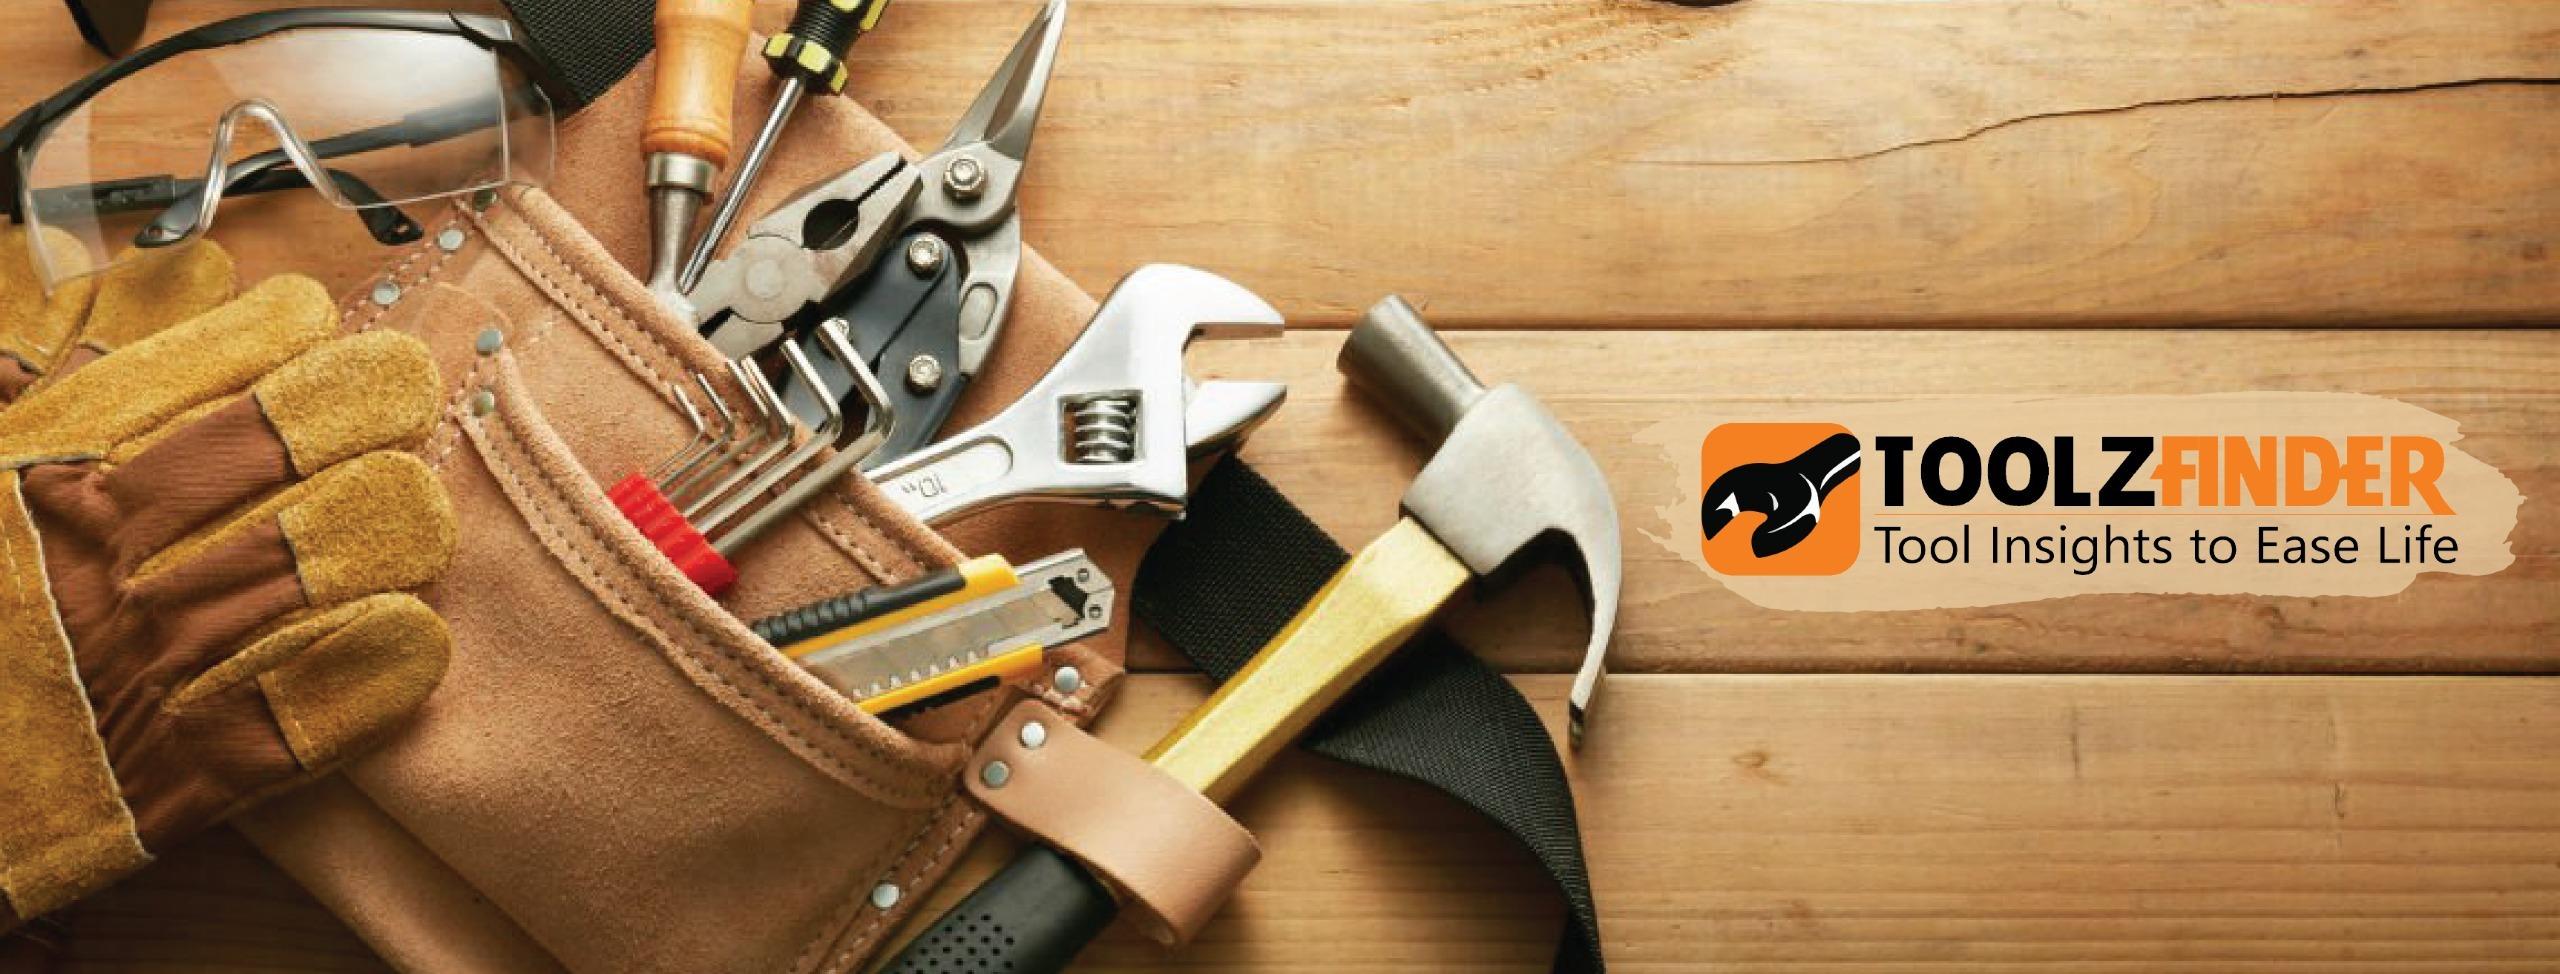 Toolzfinder (@toolzfinder) Cover Image